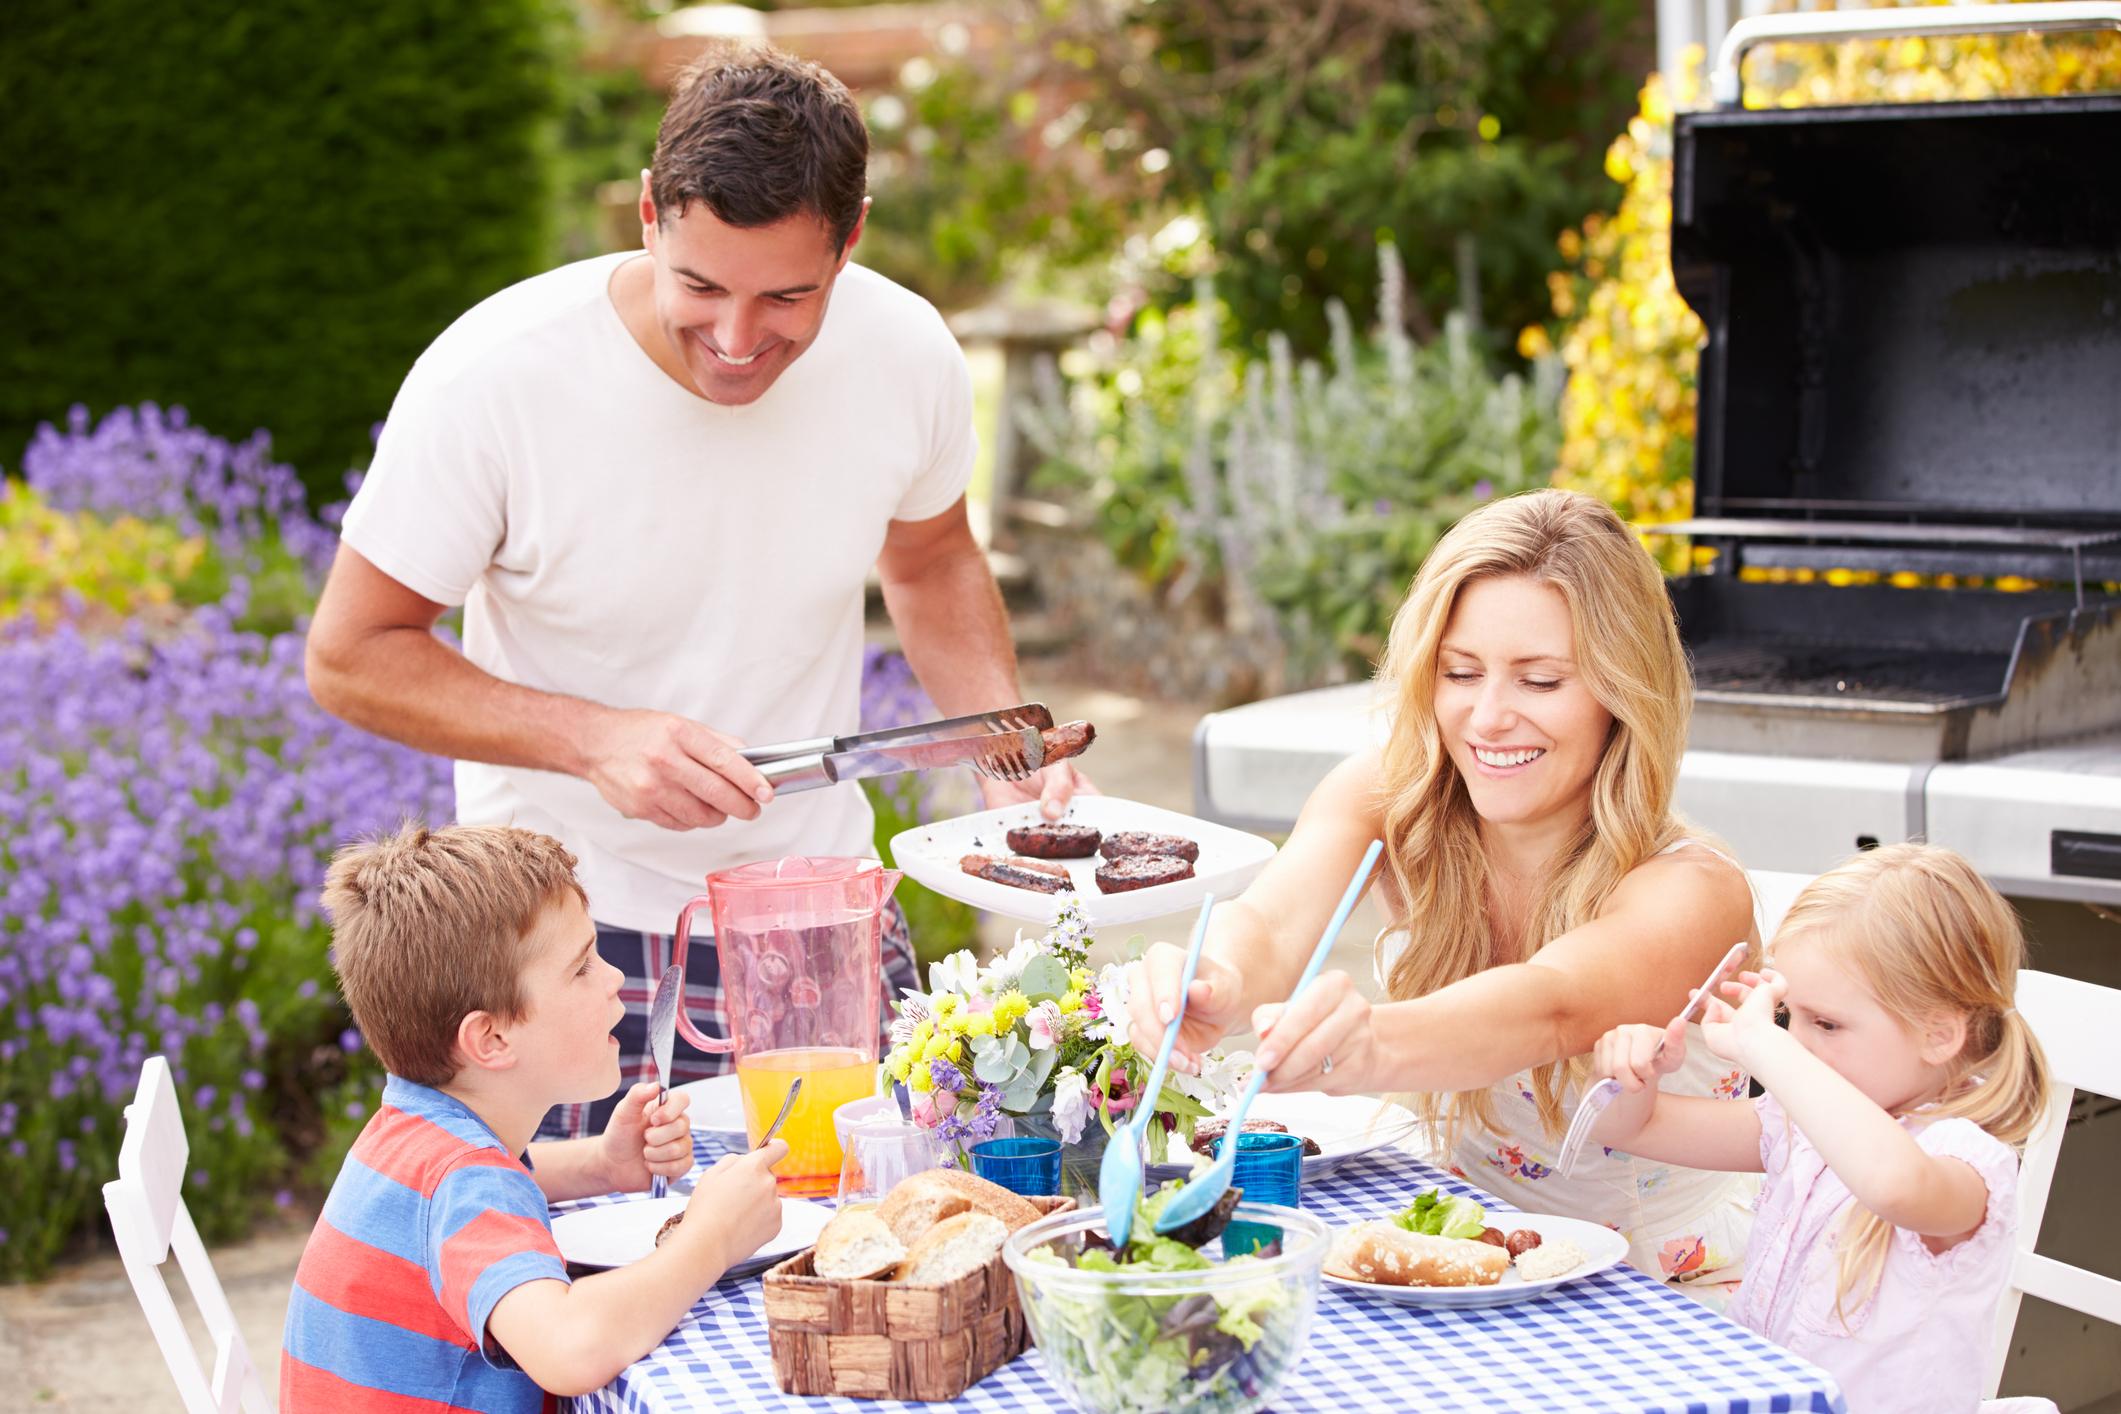 הנאת המשפחה סביב מטבח הגינה